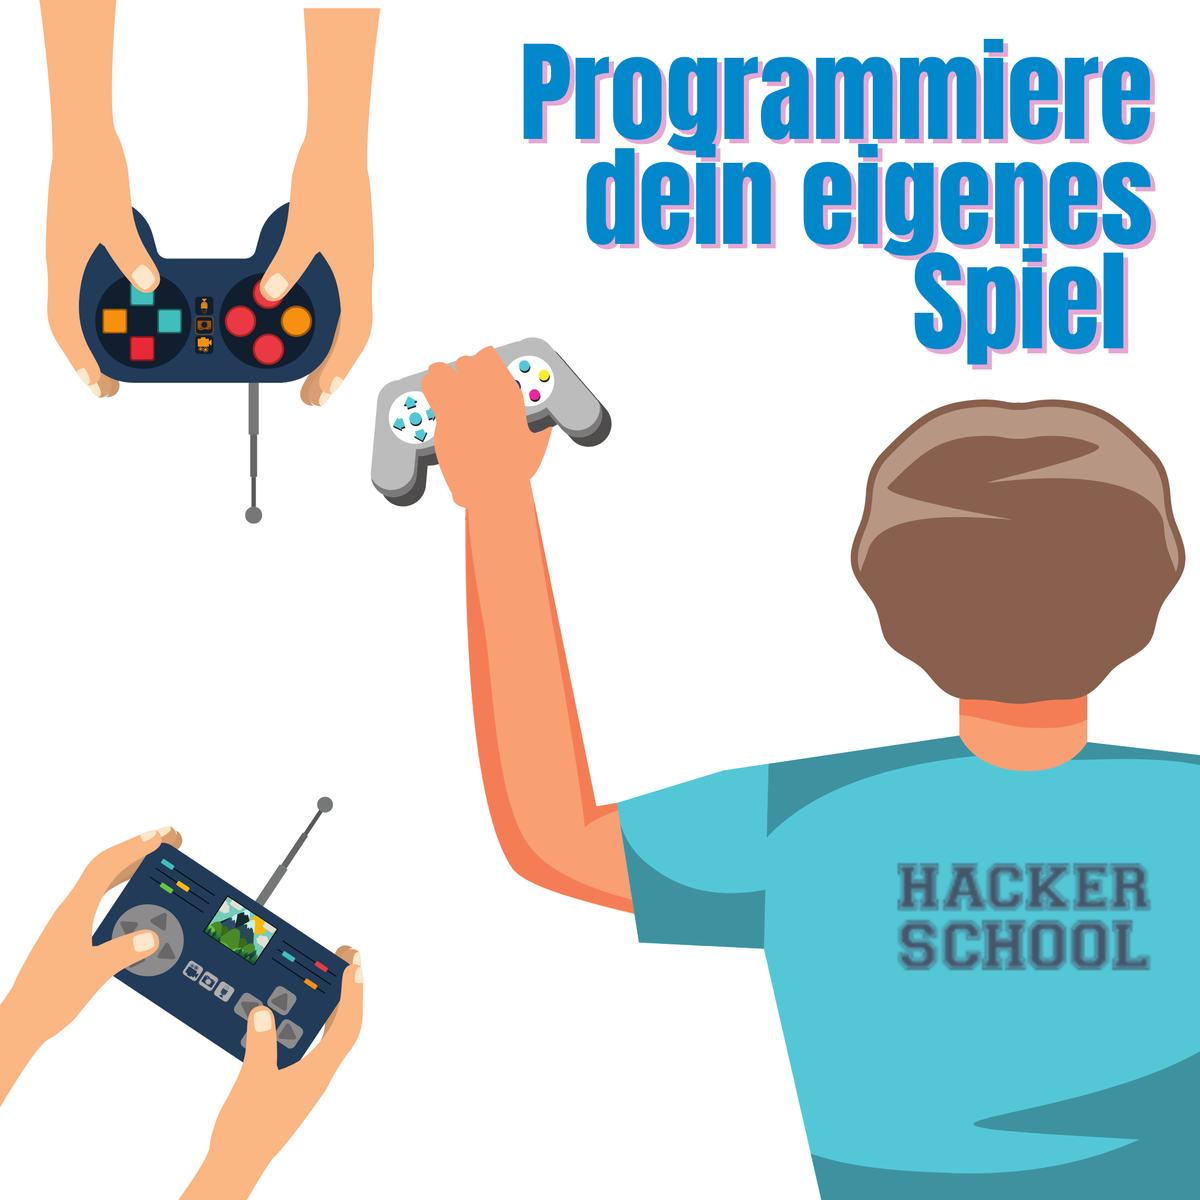 Du findest #Gaming super und willst dein eigenes Spiel programmieren? Kein Problem mit @AxiansDE am 08. & 09. August von 14 bis 18 h. Für alle zwischen 11 und 18 Jahren http://ow.ly/9sd050AOE4S Wir freuen uns auf dich #kidswhocode #DigitaleBildung #femaleempowerment pic.twitter.com/HeEot0XhSP